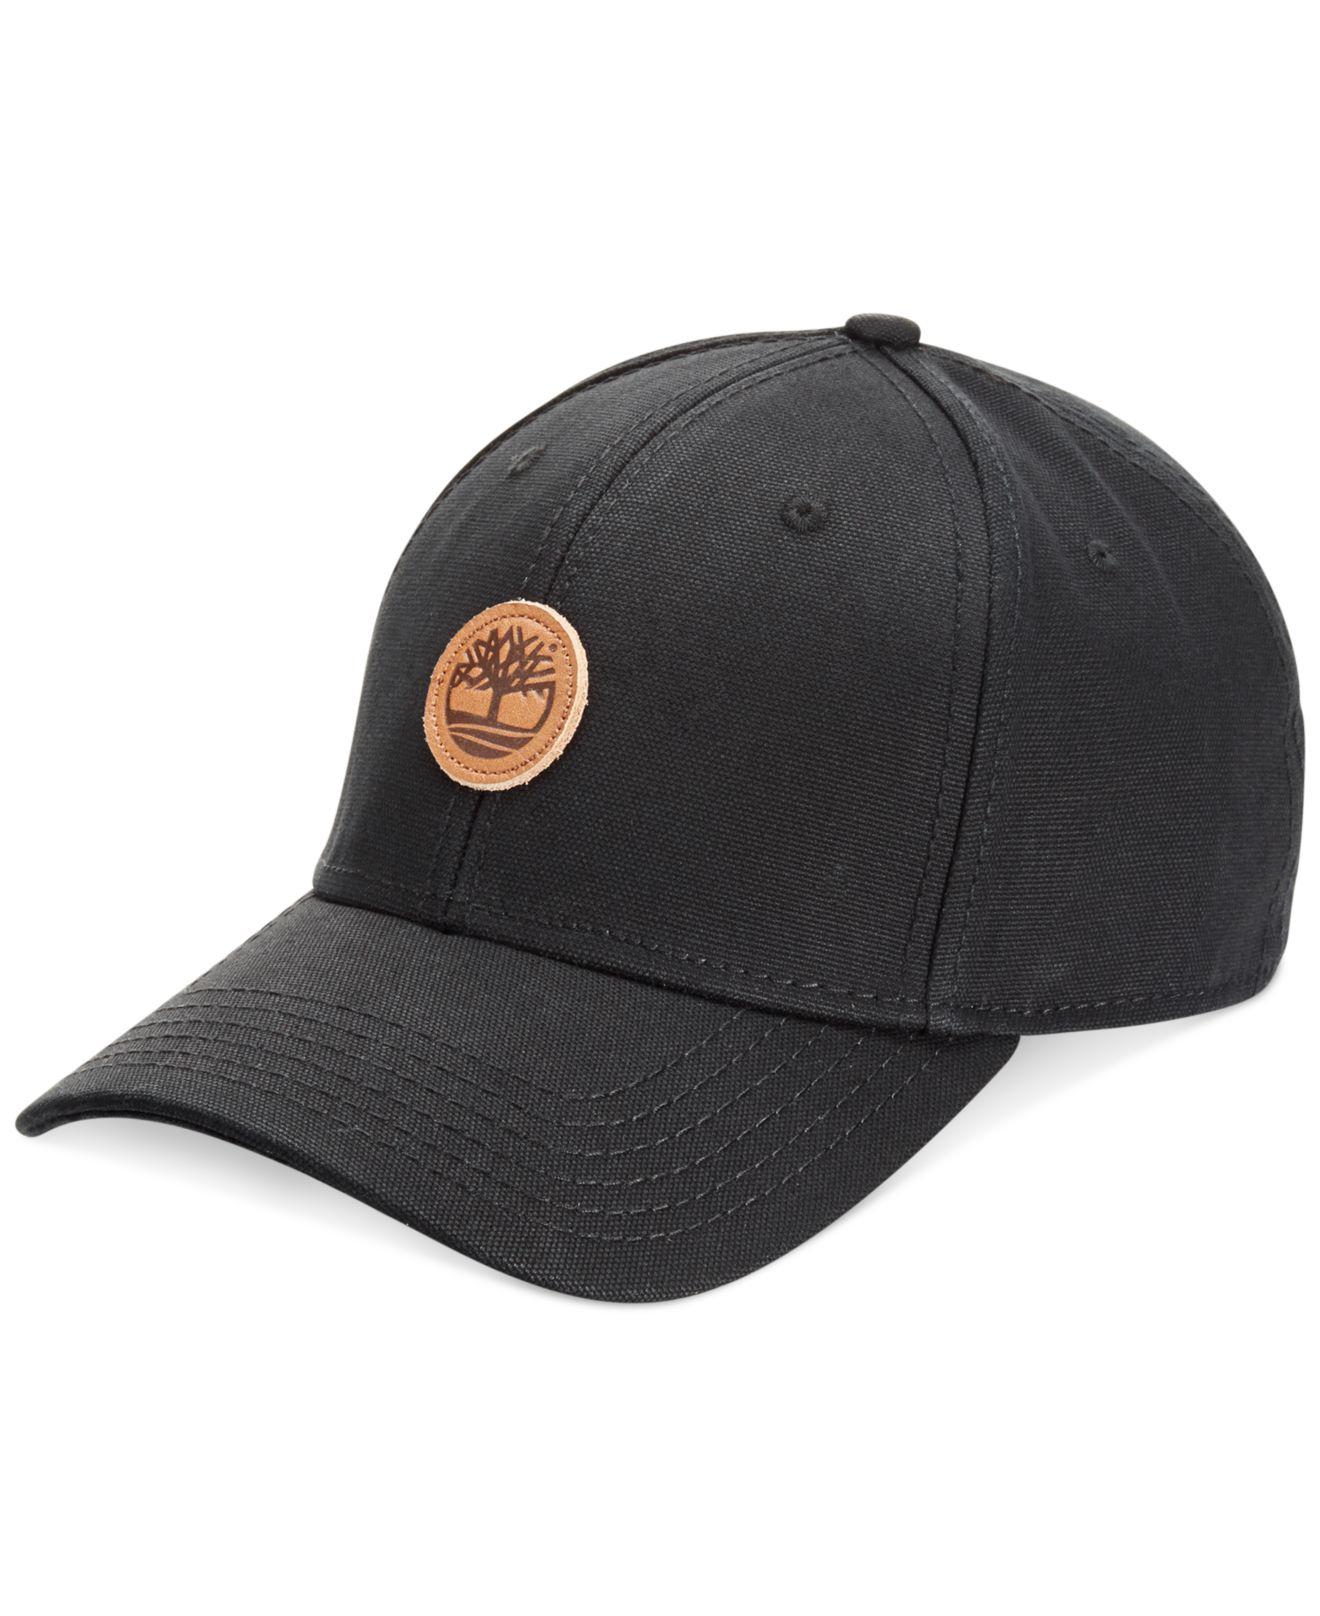 579f0fa7ba8 Gallery. Previously sold at  Macy s · Men s Baseball Caps ...